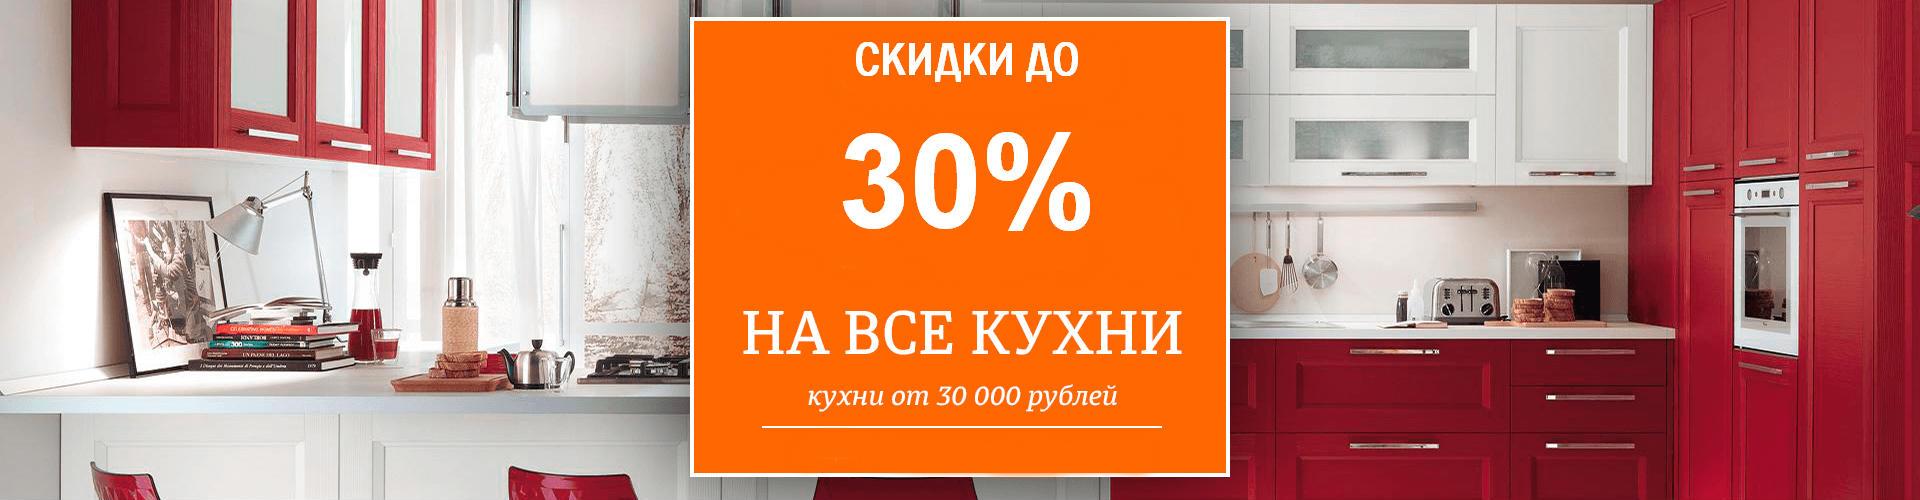 акция - скидка 30% на кухни